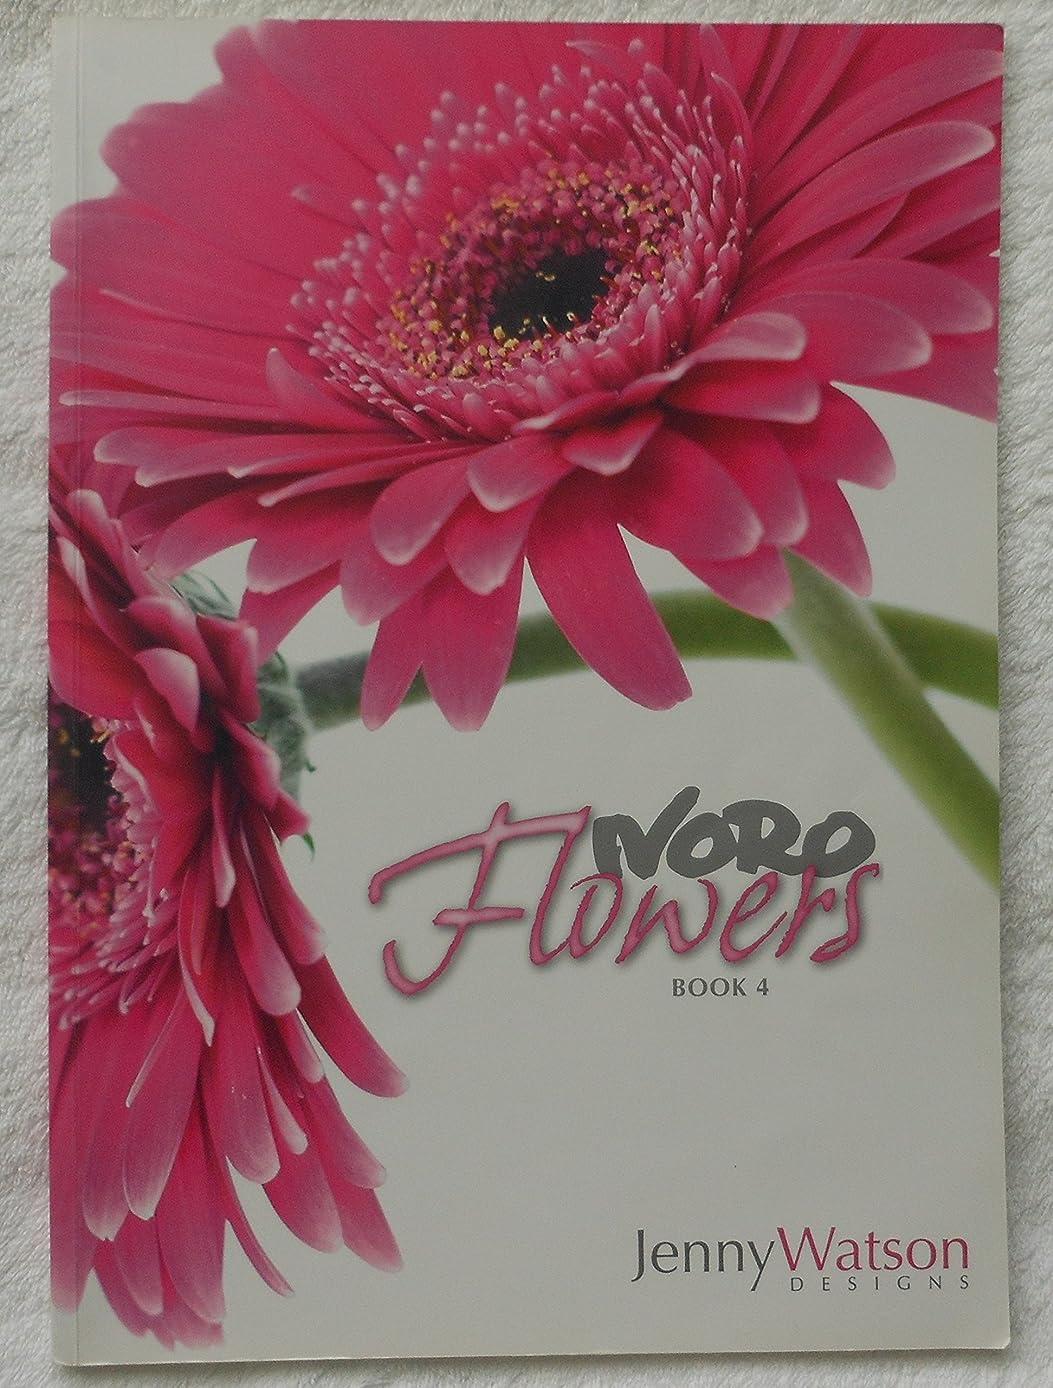 Noro Patterns Jenny Watson Flowers